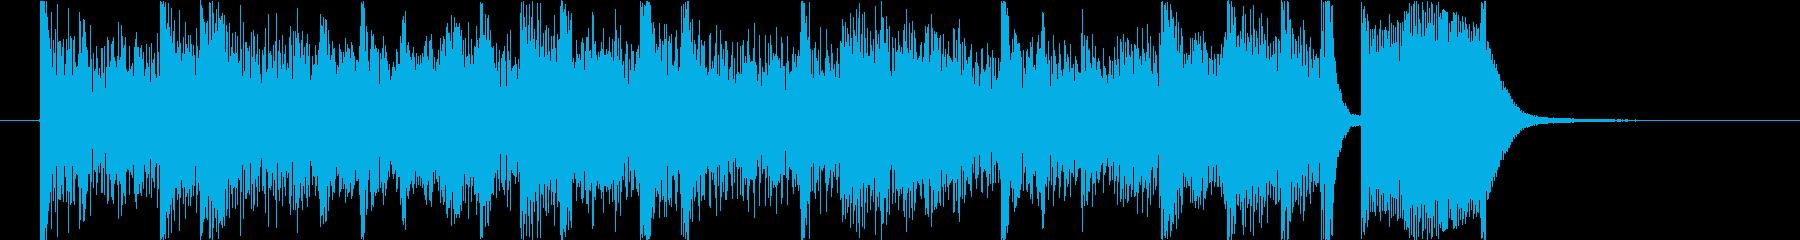 デジタルなミニマルショートBGMの再生済みの波形